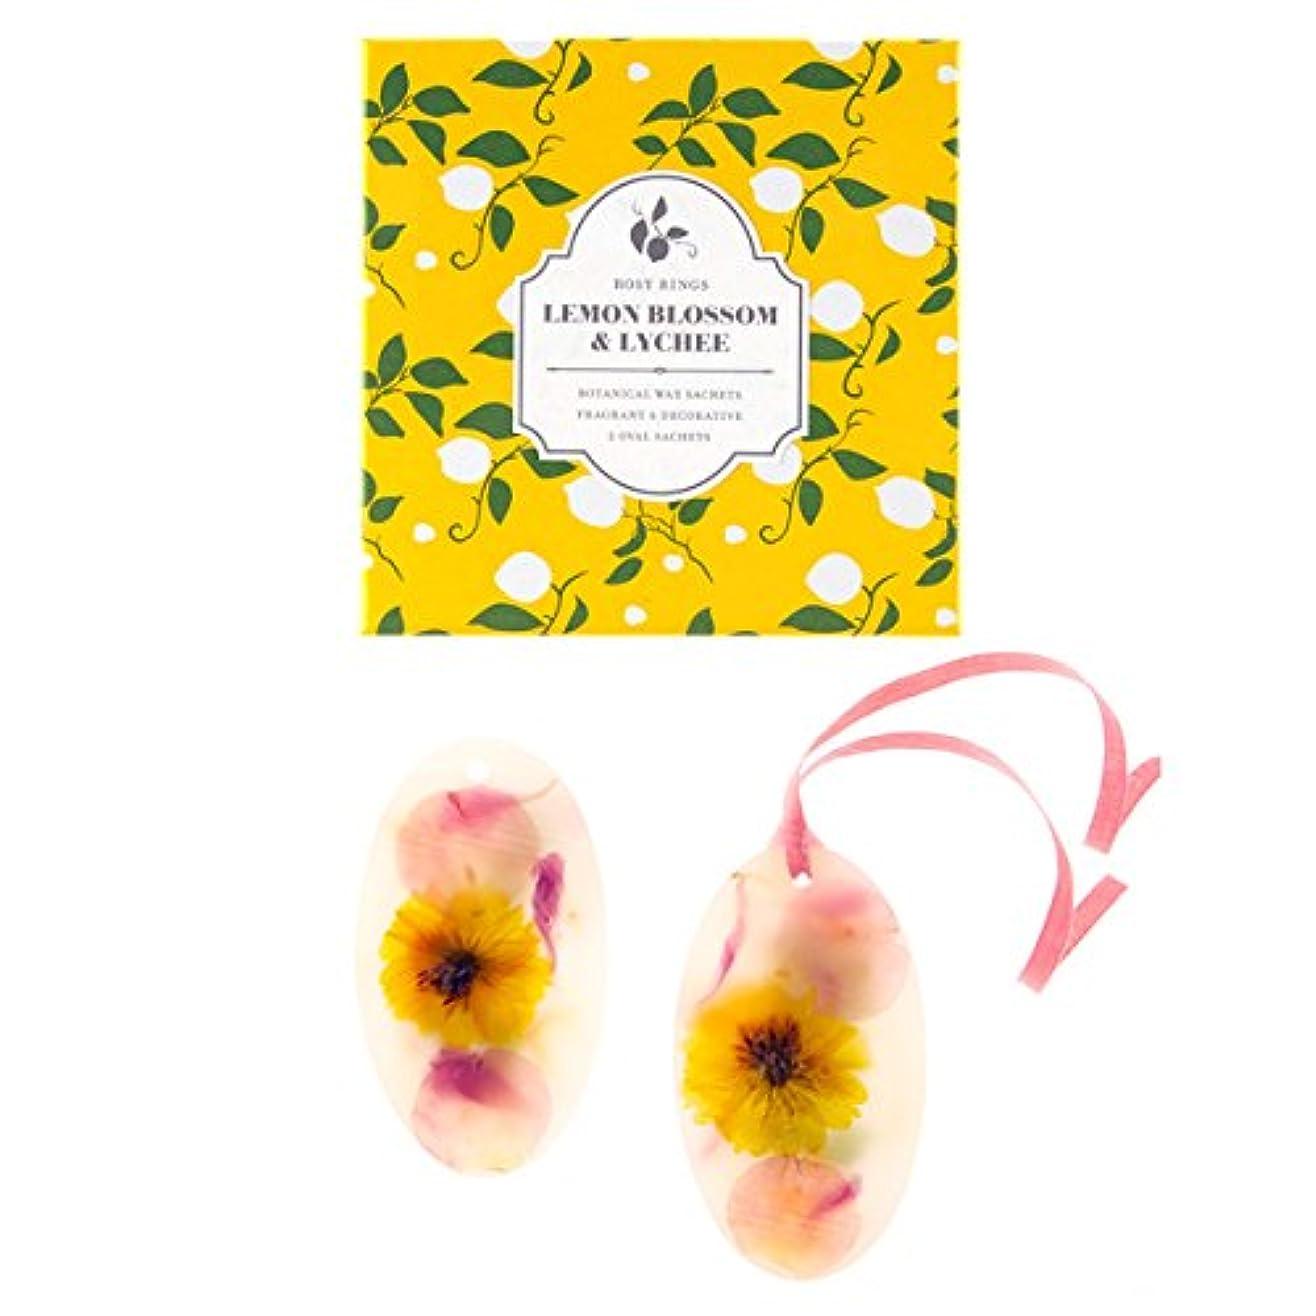 楽観的盲信上に築きますロージーリングス ボタニカルワックスサシェ オーバル レモンブロッサム&ライチ ROSY RINGS Signature Collection Botanical Wax Sachets – Lemon Blossom...